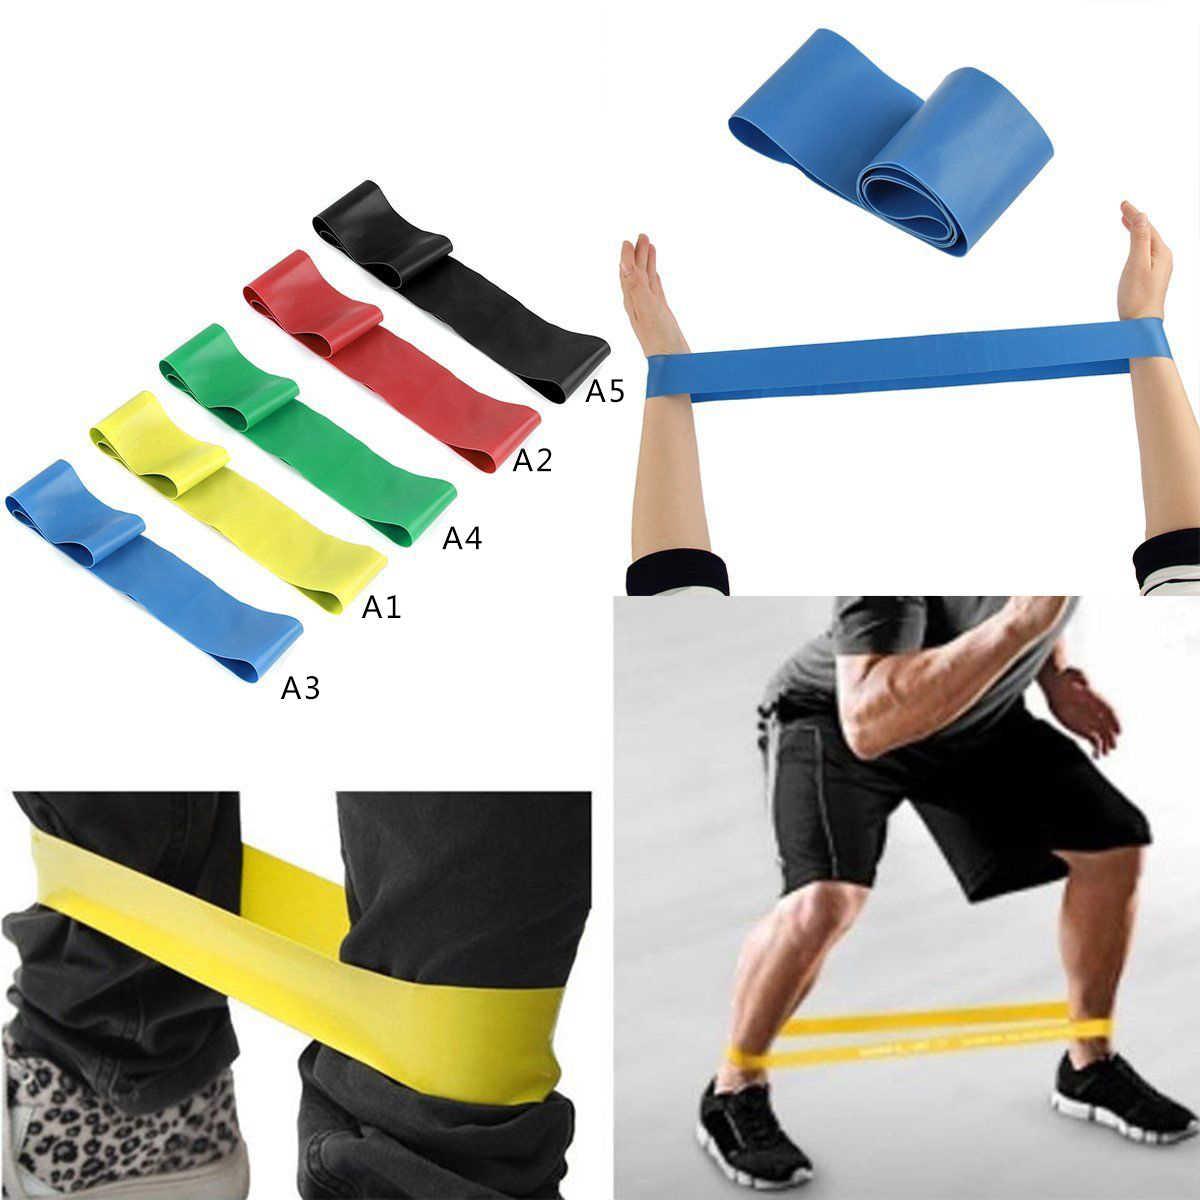 Pasek do jogi Fitness elastyczne taśmy oporowe do ćwiczeń pilates taśma treningowa Body Stretching Belt trening crossfit equipment P15